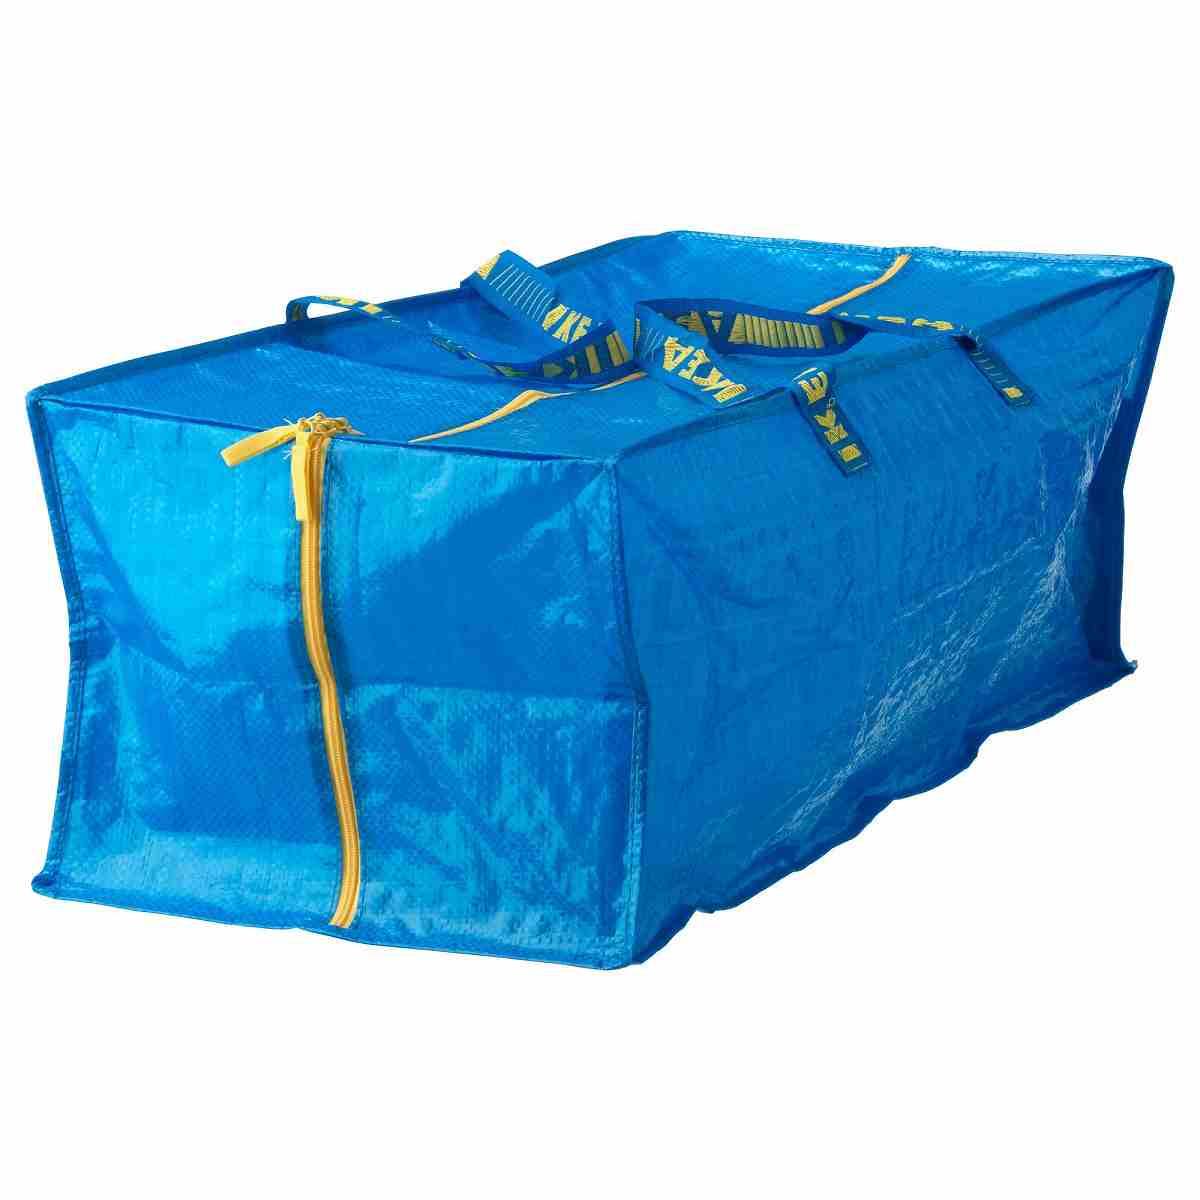 送料無料 IKEA イケア 雑貨 収納 お金を節約 お買い物 エコバッグ A90161989 高級な 青 ブルー FRAKTA トロリー用バッグ